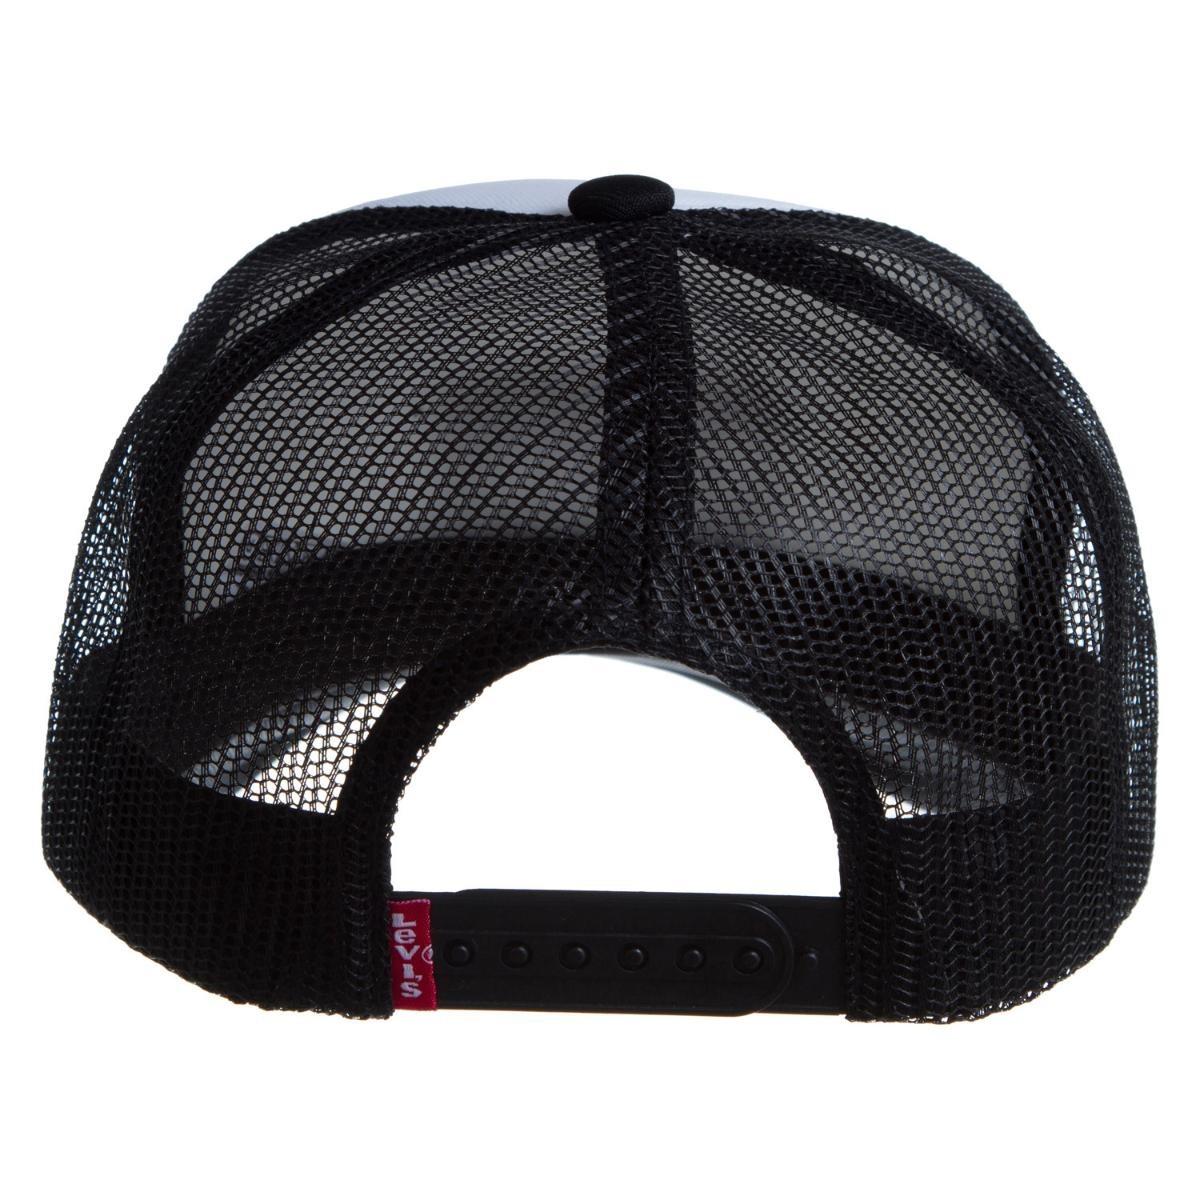 boné levis trucker sportswear preto - cor preto. Carregando zoom. 8ae40be8157